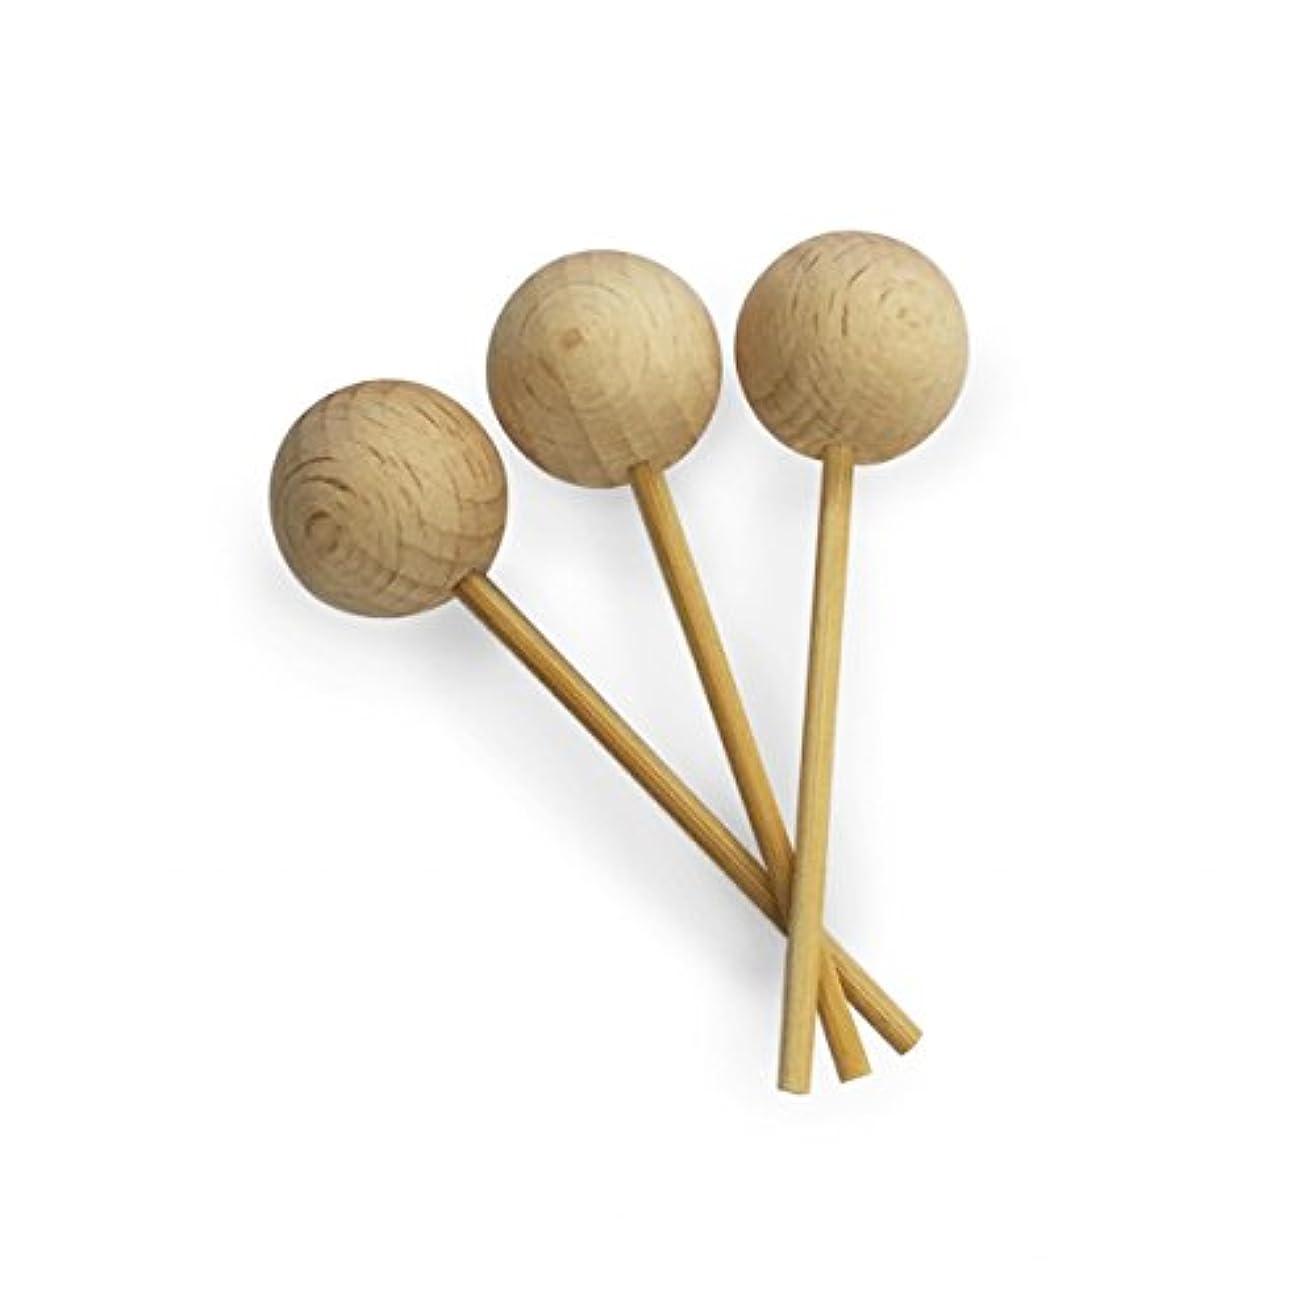 知人上ブームカリス成城 アロマ芳香器 木のお家 交換用木製スティック3本入